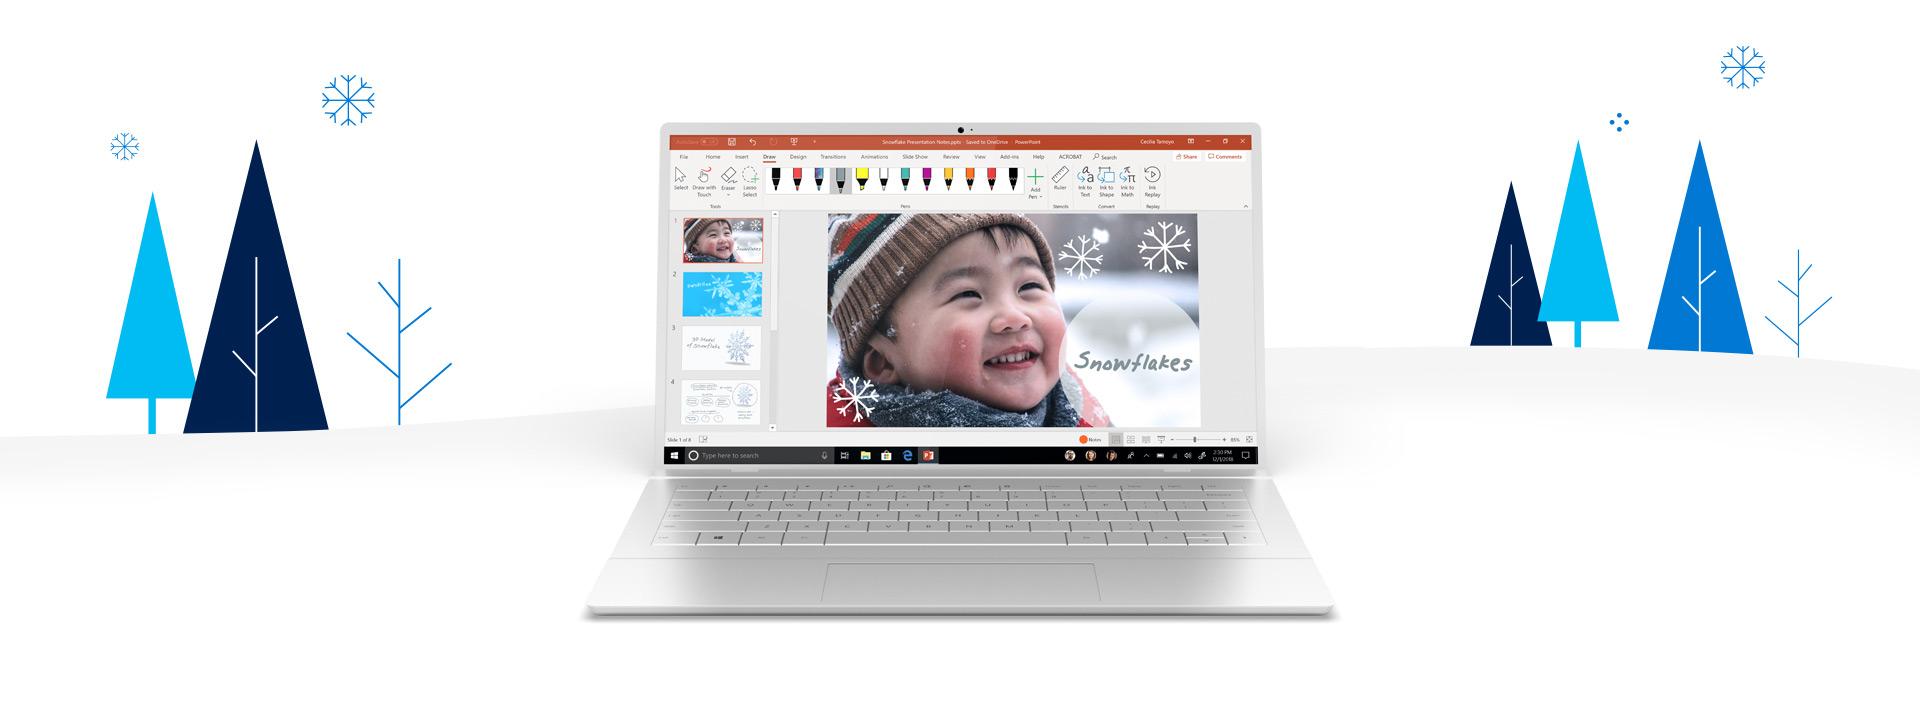 Ein PC, der von Bäumen und Schneeflocken umgeben ist und auf dessen Bildschirm ein PowerPoint-Dokument geöffnet ist